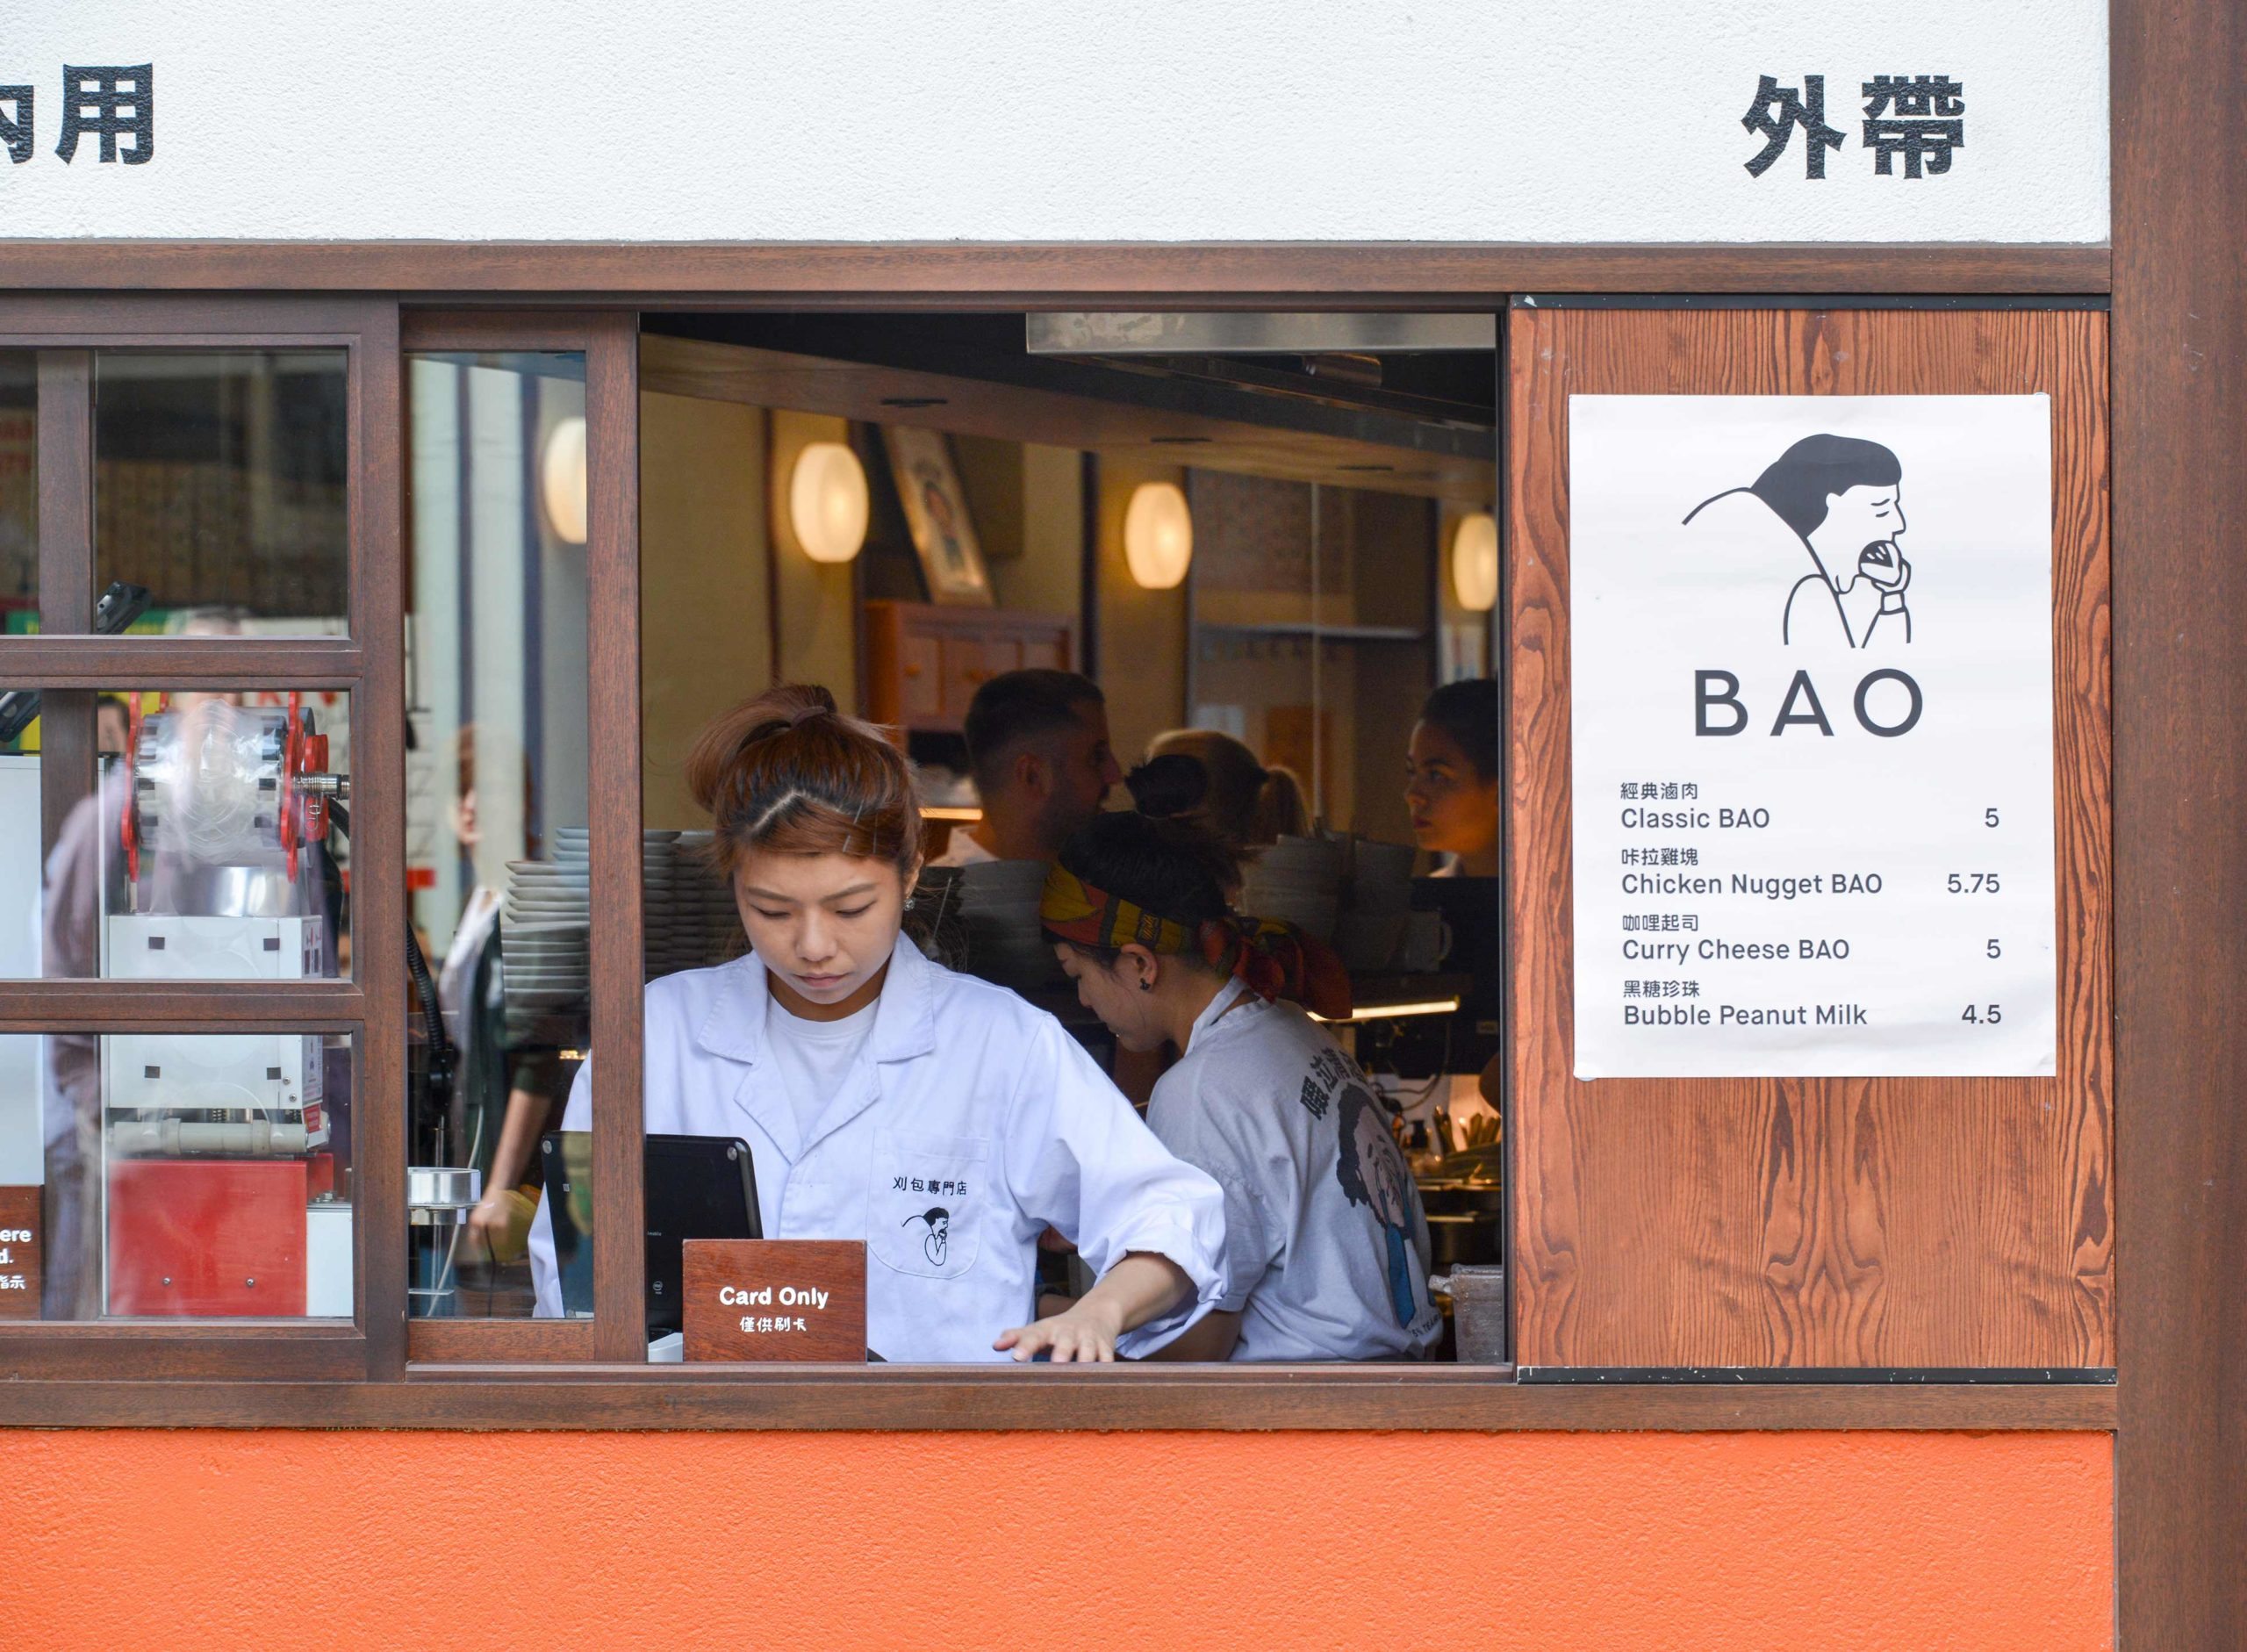 Bao Loman Street